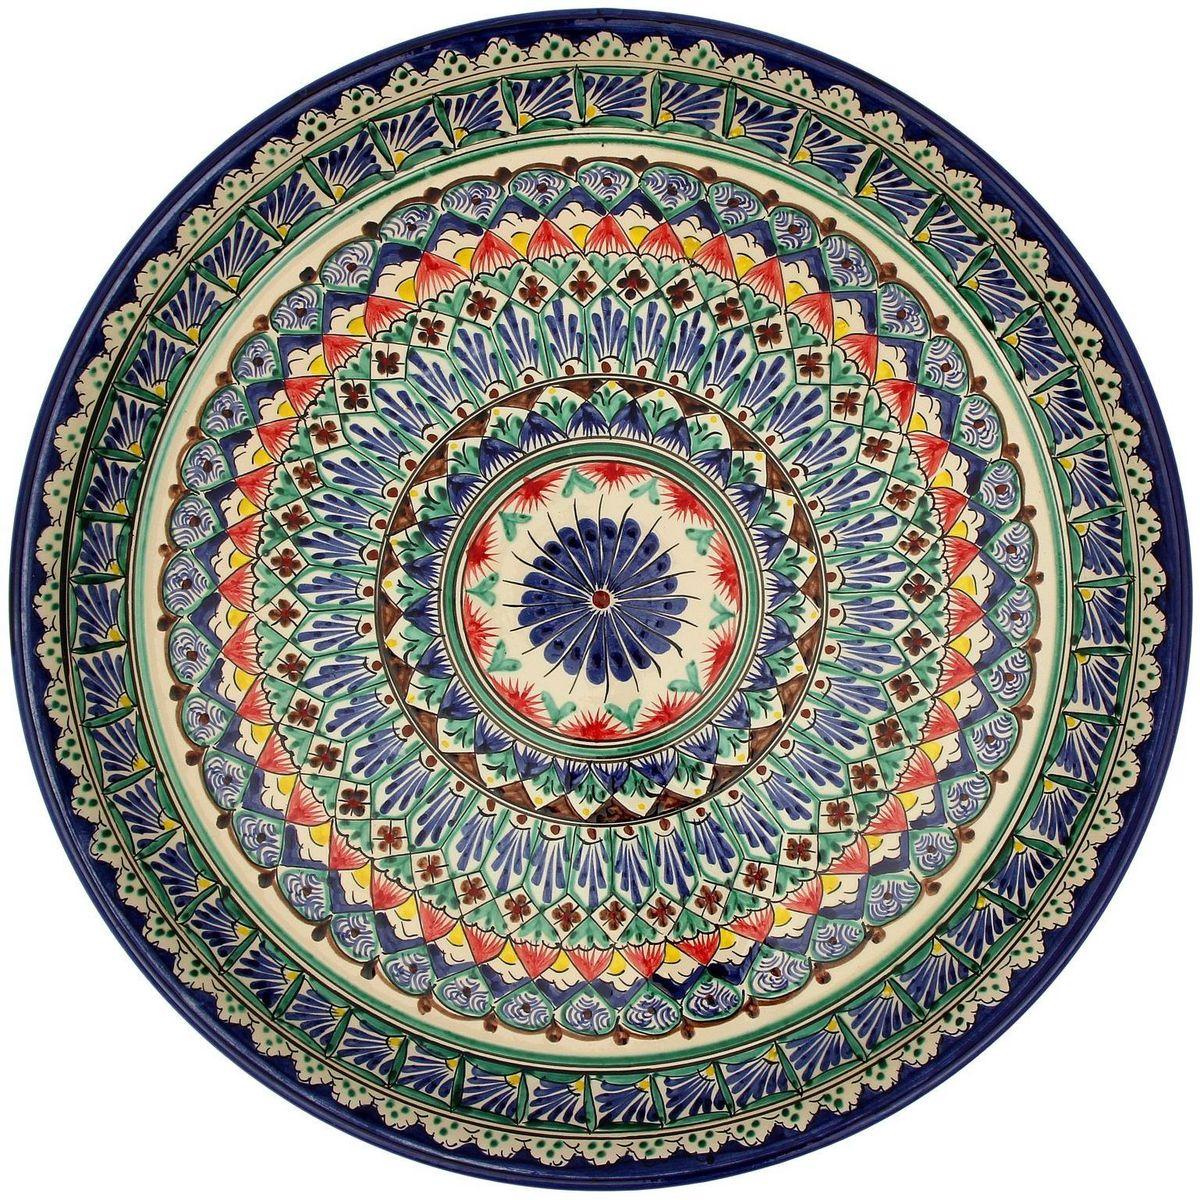 Ляган Риштанская керамика, диаметр, 45 см. 21386962138696Ляган — это не просто обеденный атрибут, это украшение стола. Посуда с национальной росписью станет отменным подарком для ценителей высокородной посуды.Риштан — город на востоке Узбекистана, один из древнейших в Ферганской долине. С давних времён Риштан славится своим гончарным искусством изготовления цветной керамики. Красноватую глину для изделия добывают в самом городе. Мастера утверждают, что их глина настолько высокого качества, что даже не нуждается в предварительной обработке. Дополните коллекцию кухонных аксессуаров пряными восточными нотами.